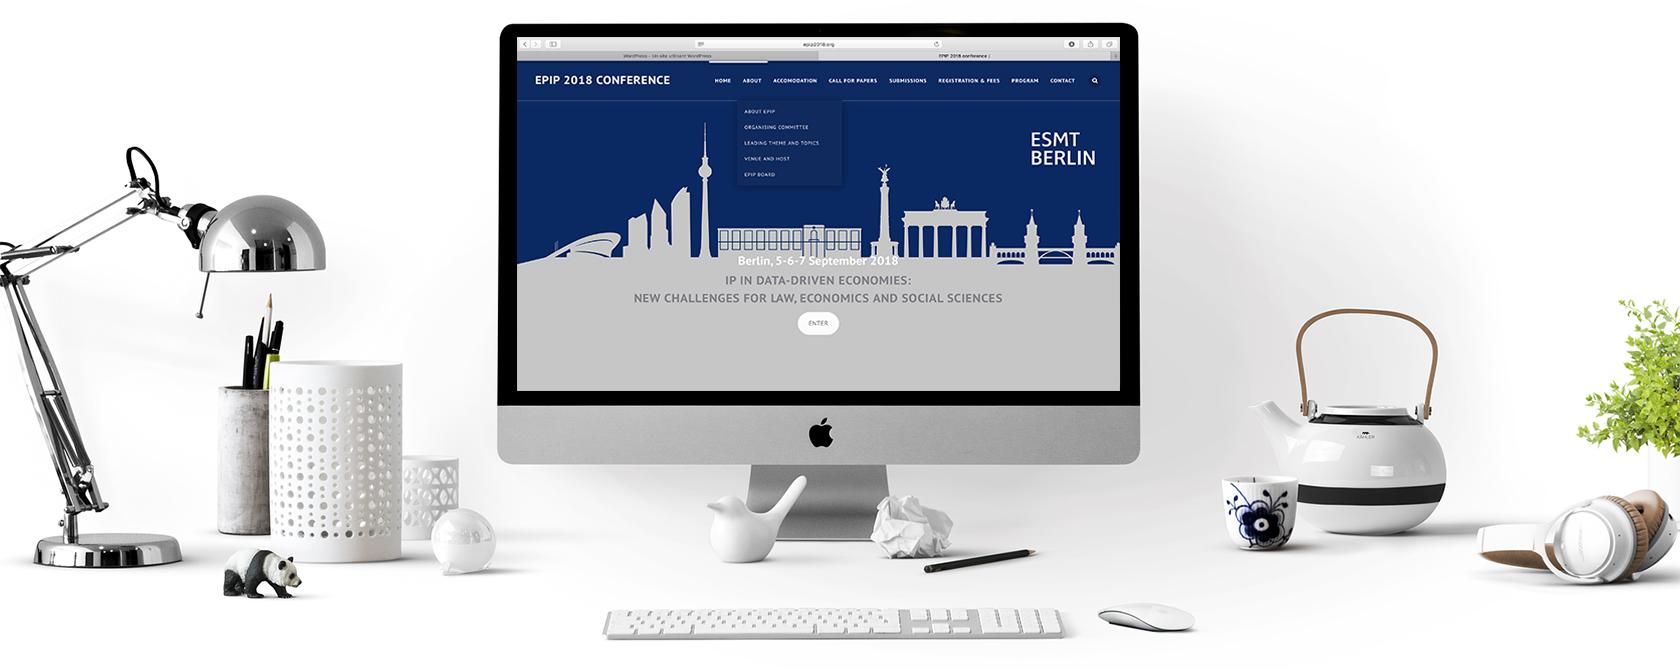 epip2018-design-web